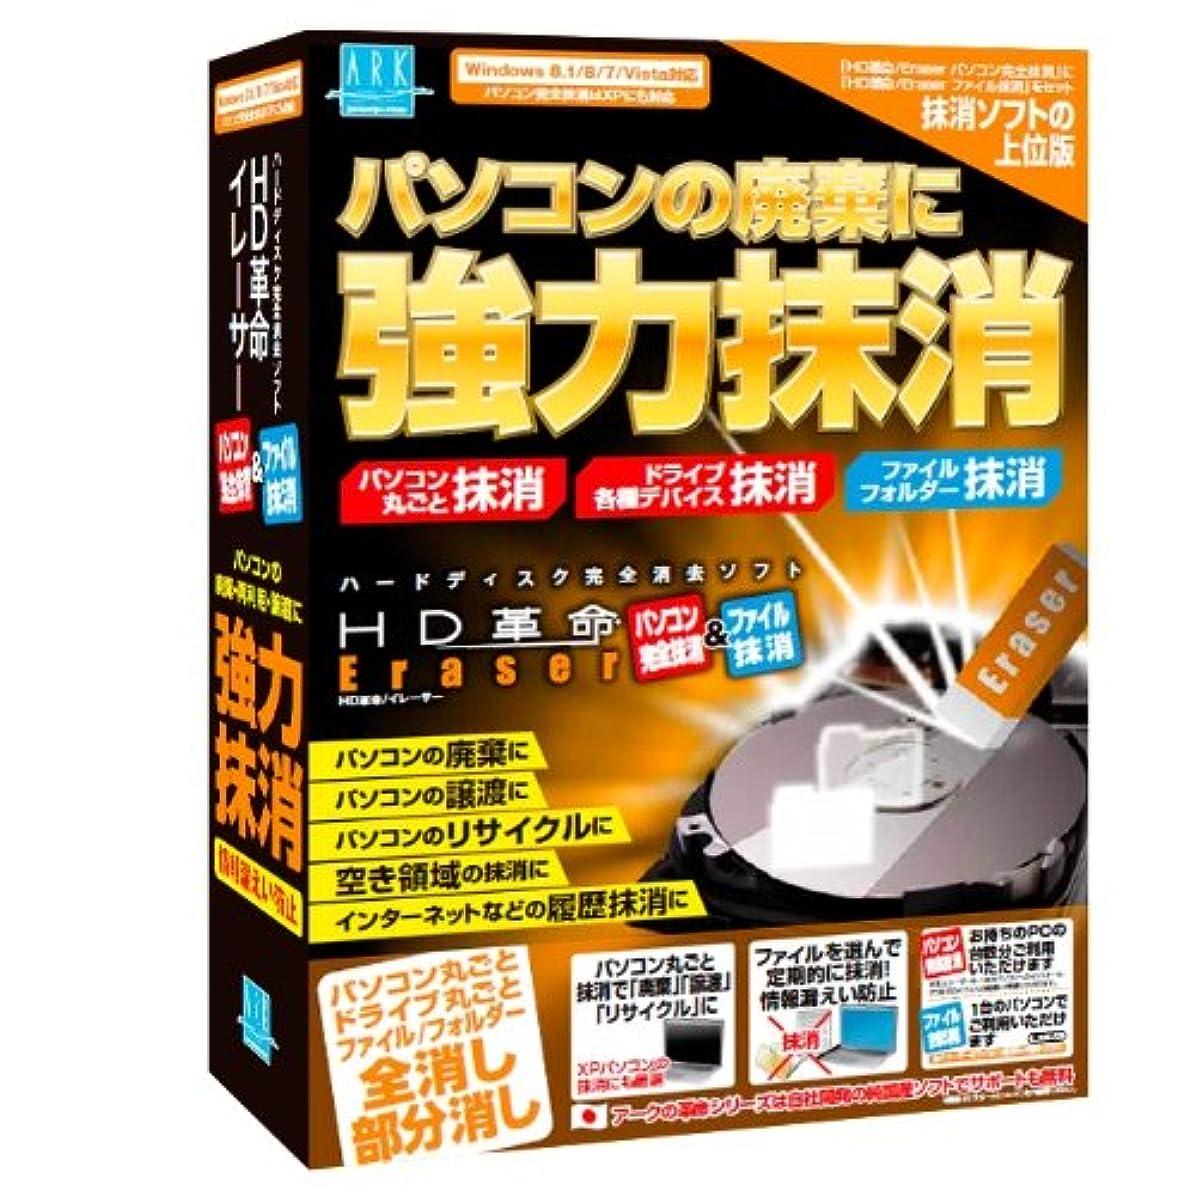 枕雷雨偏見HD革命/Eraser パソコン完全抹消&ファイル抹消 通常版